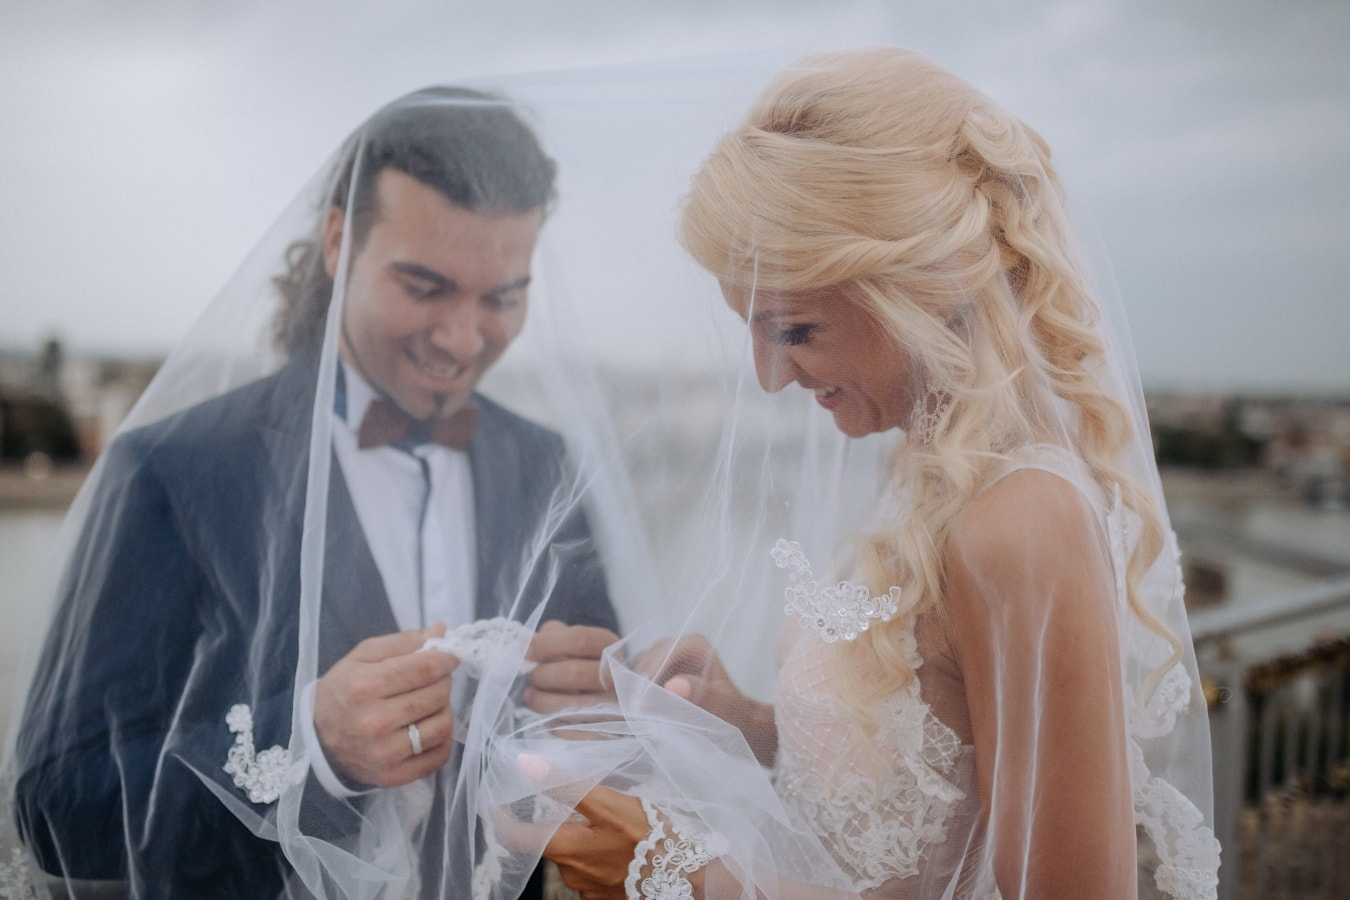 jeune marié, jeunes mariés, la mariée, en dessous, robe de mariée, mariage, engagement, amour, femme, romance